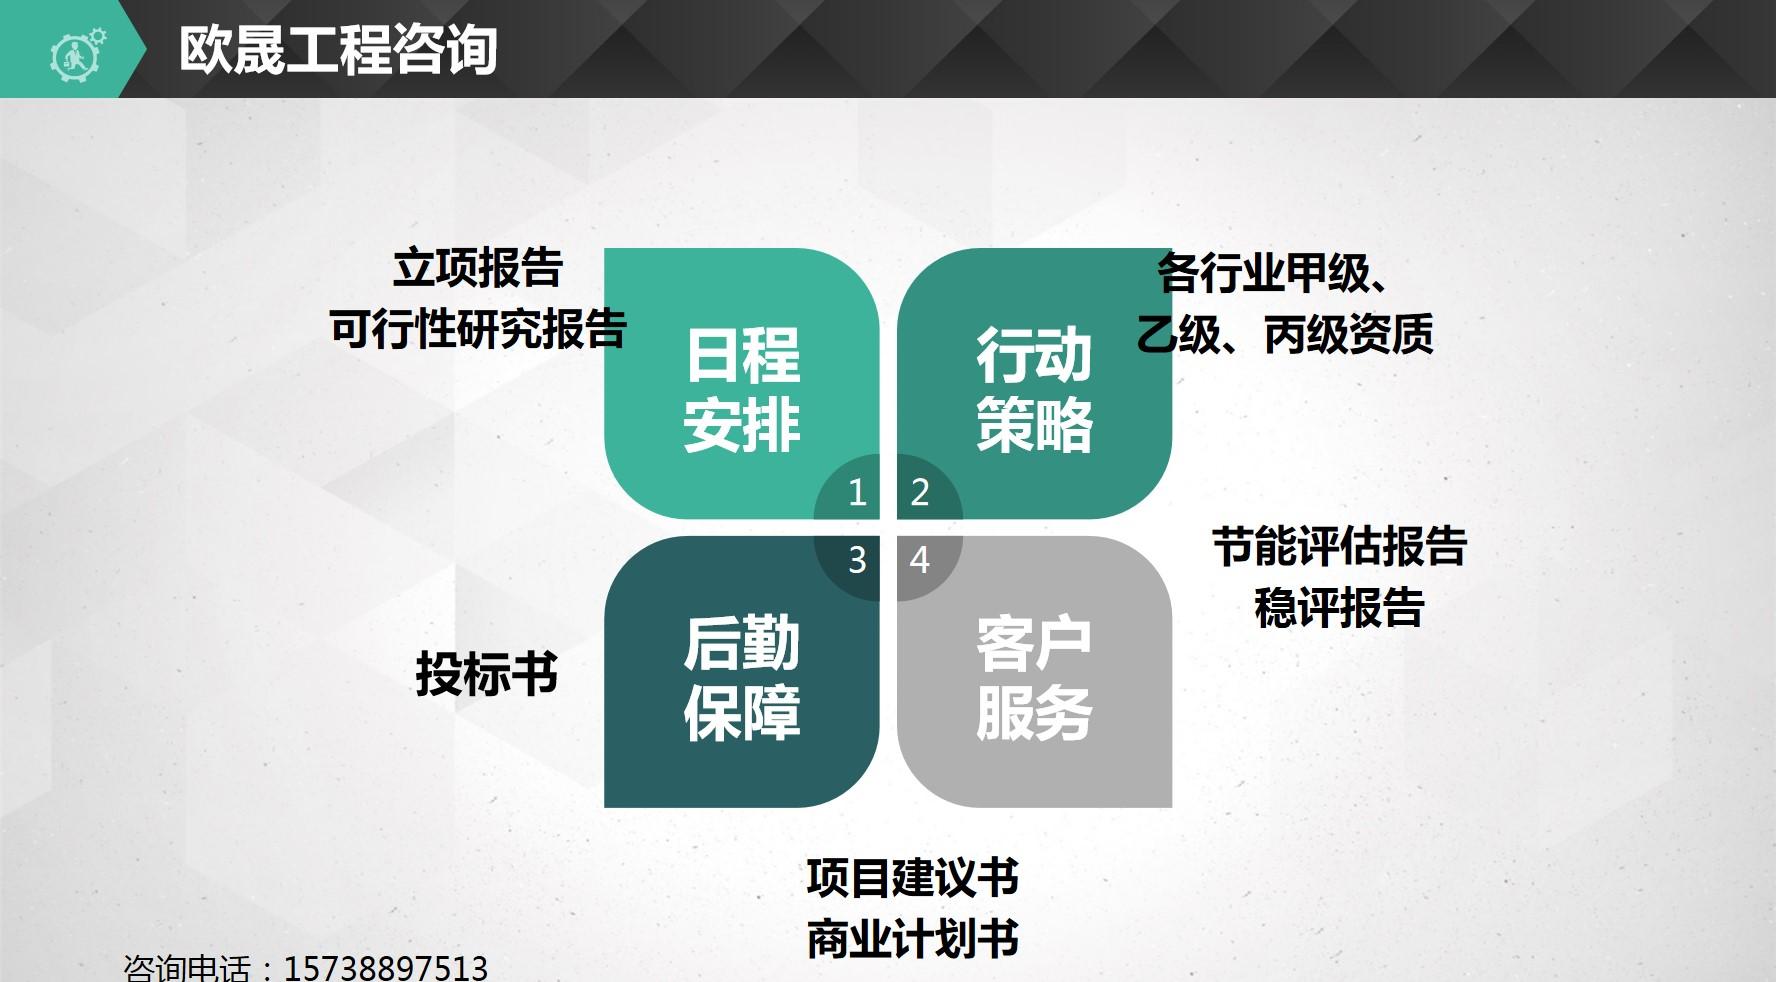 高邑县怎么修改投标书-高邑县会做投标书的公司